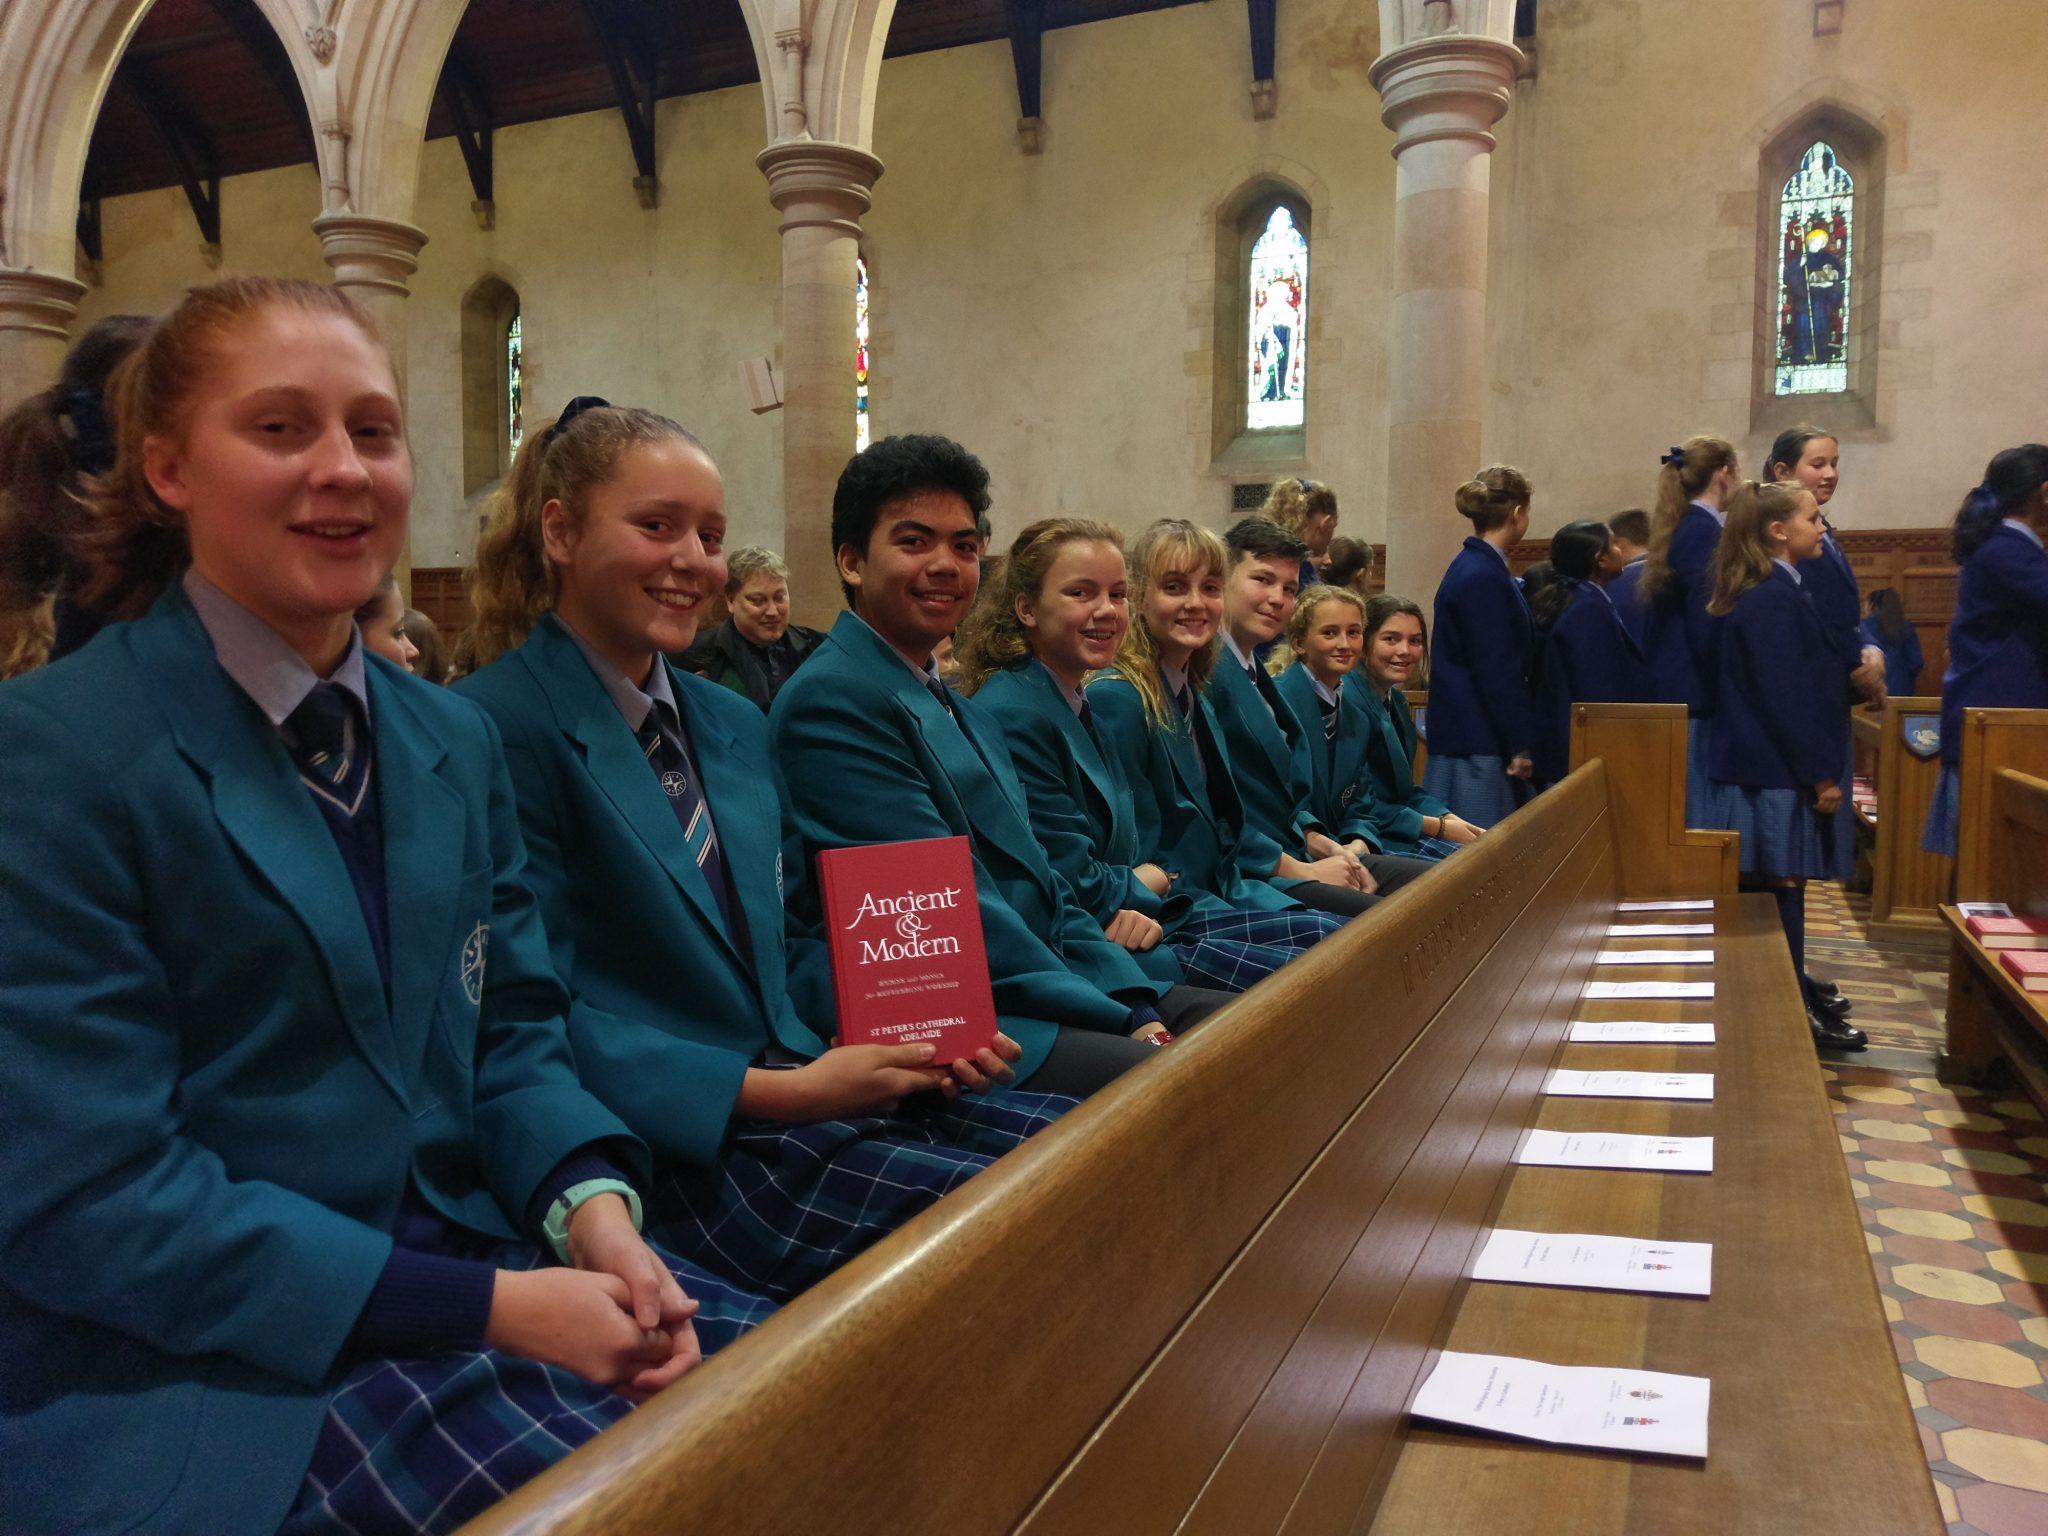 Anglican Schools Service